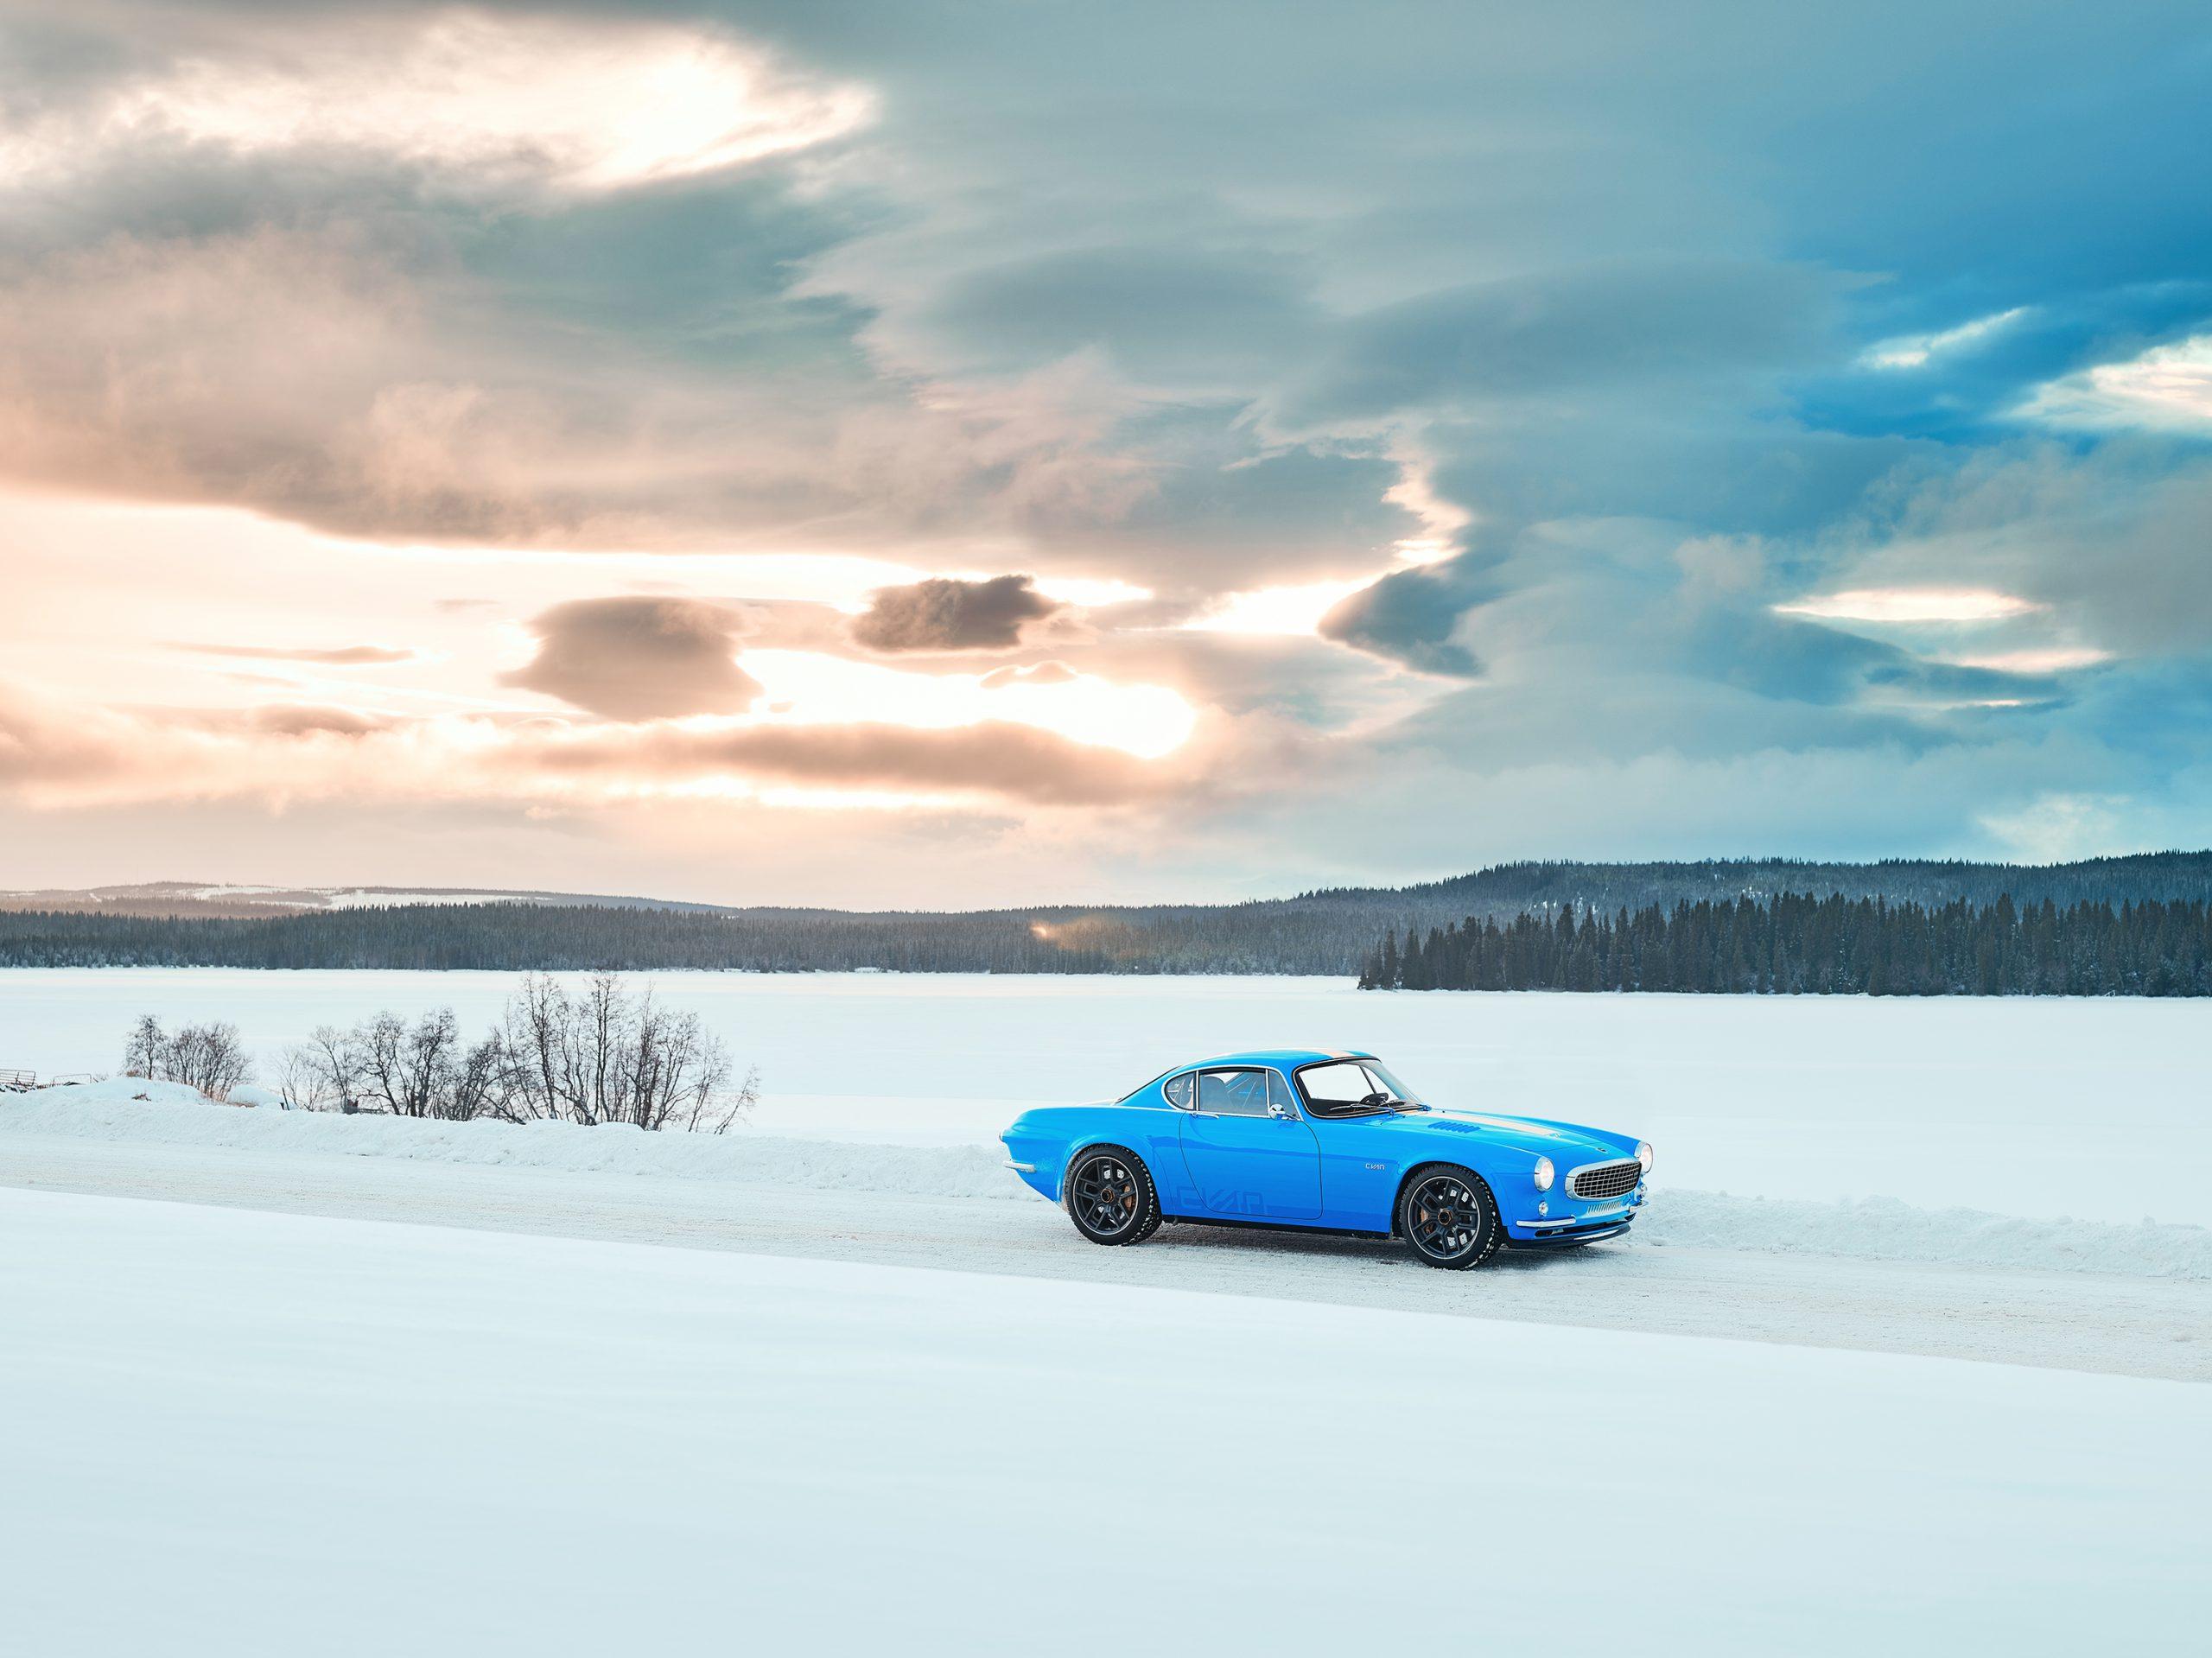 Cyan Racing P1800 in the snow